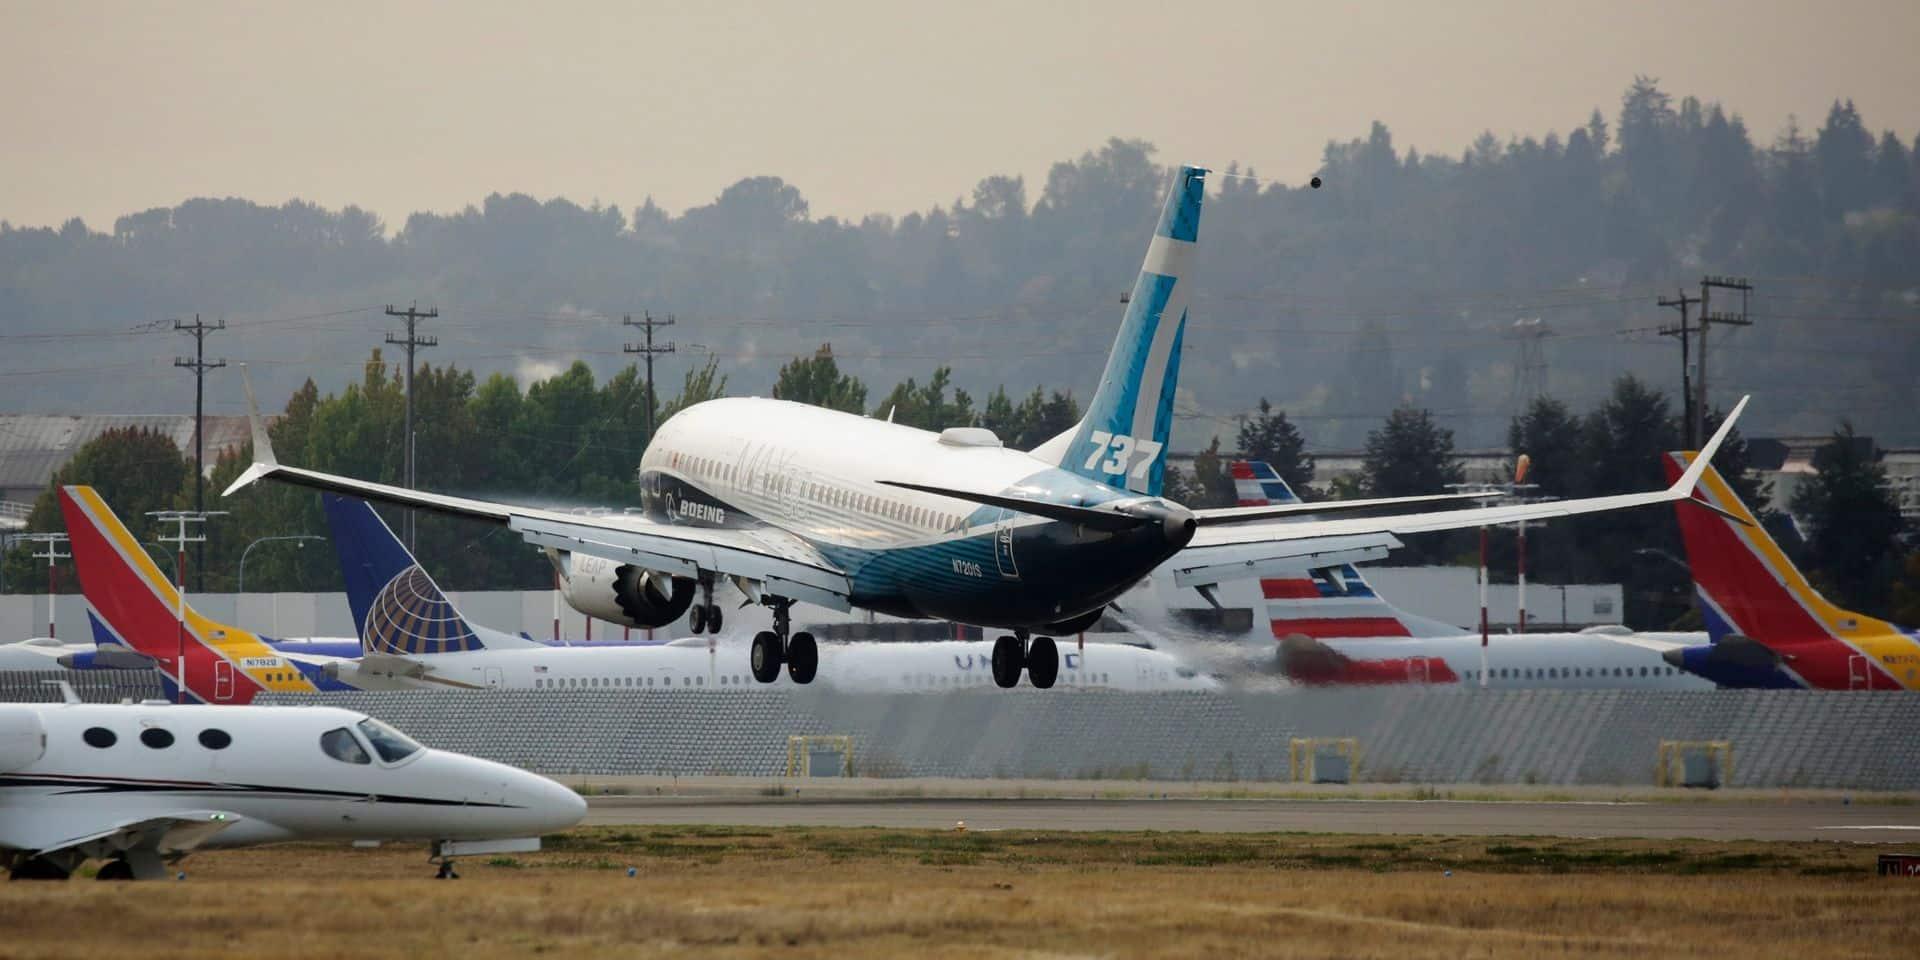 Quel impact aura le retour du Boeing 737 Max dans une aviation décimée par la crise du Covid-19 ?